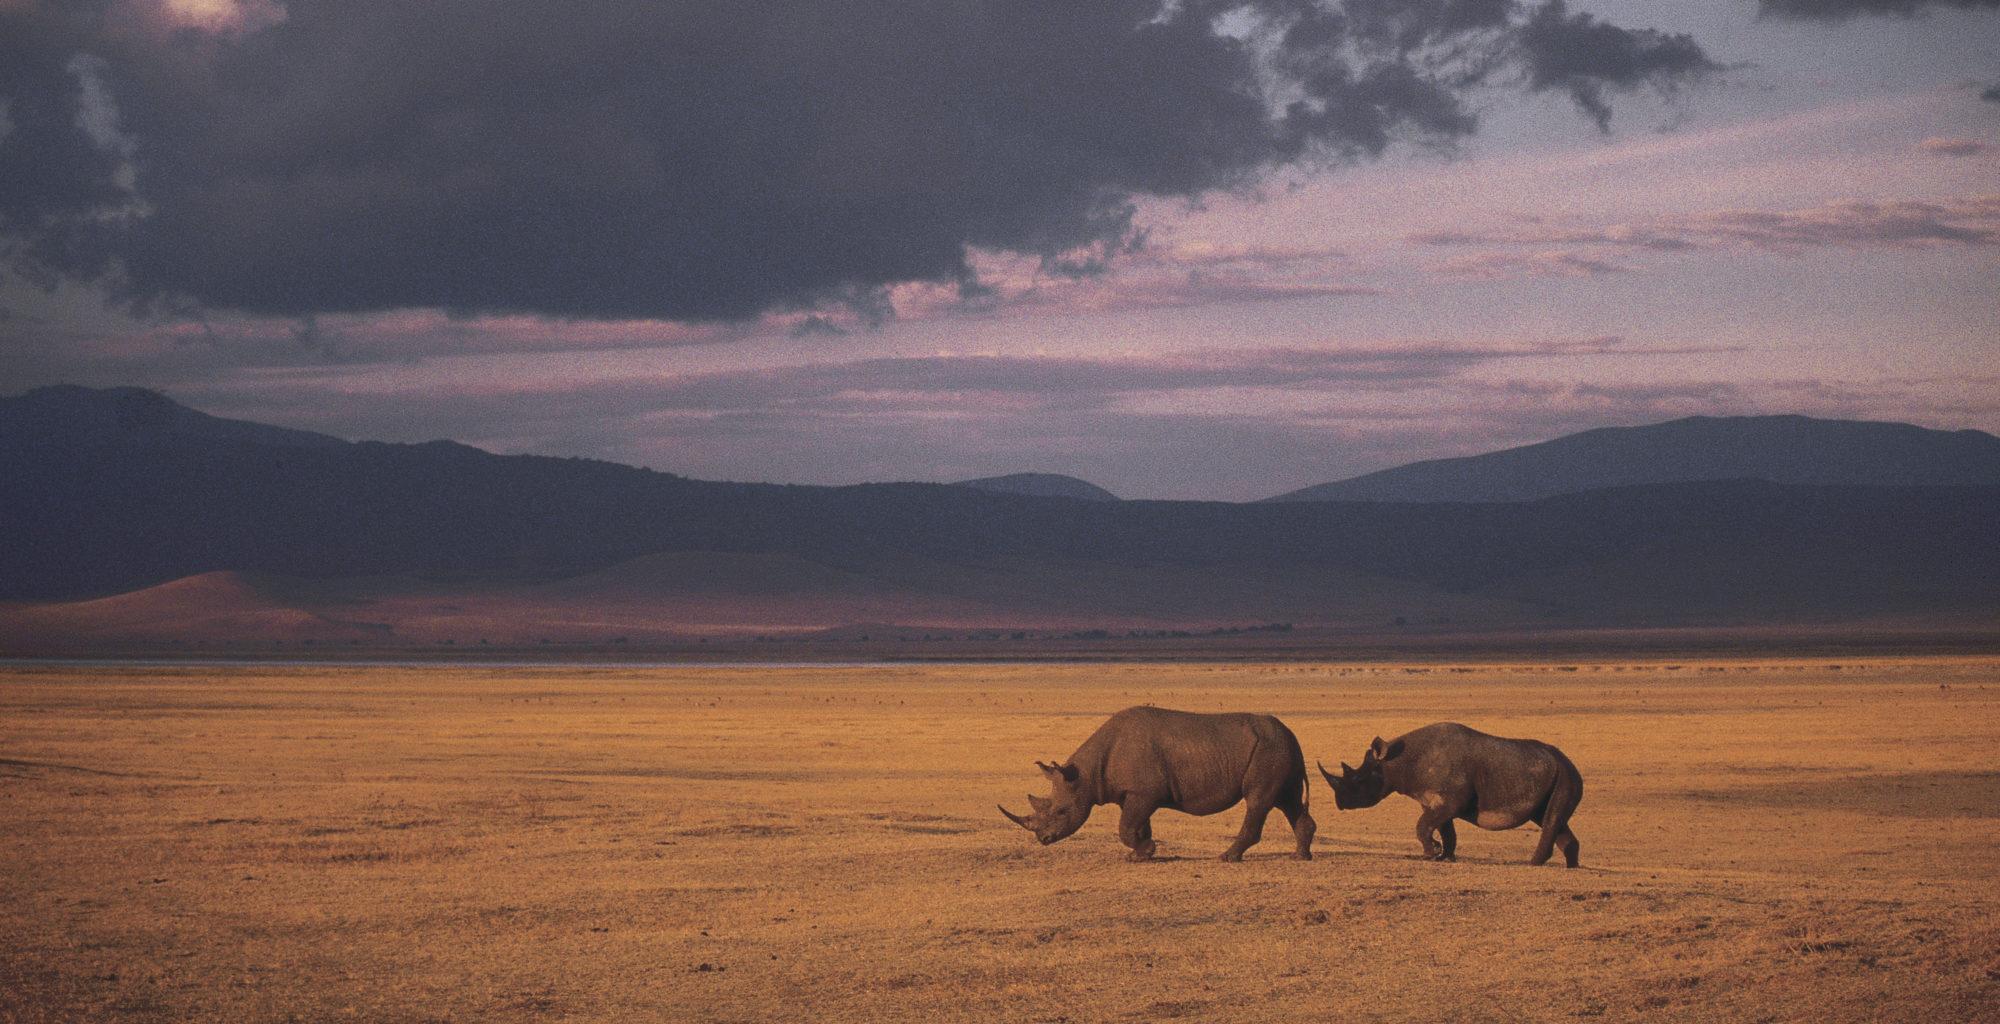 Tanzania-Ngorongoro-Crater-Rhino